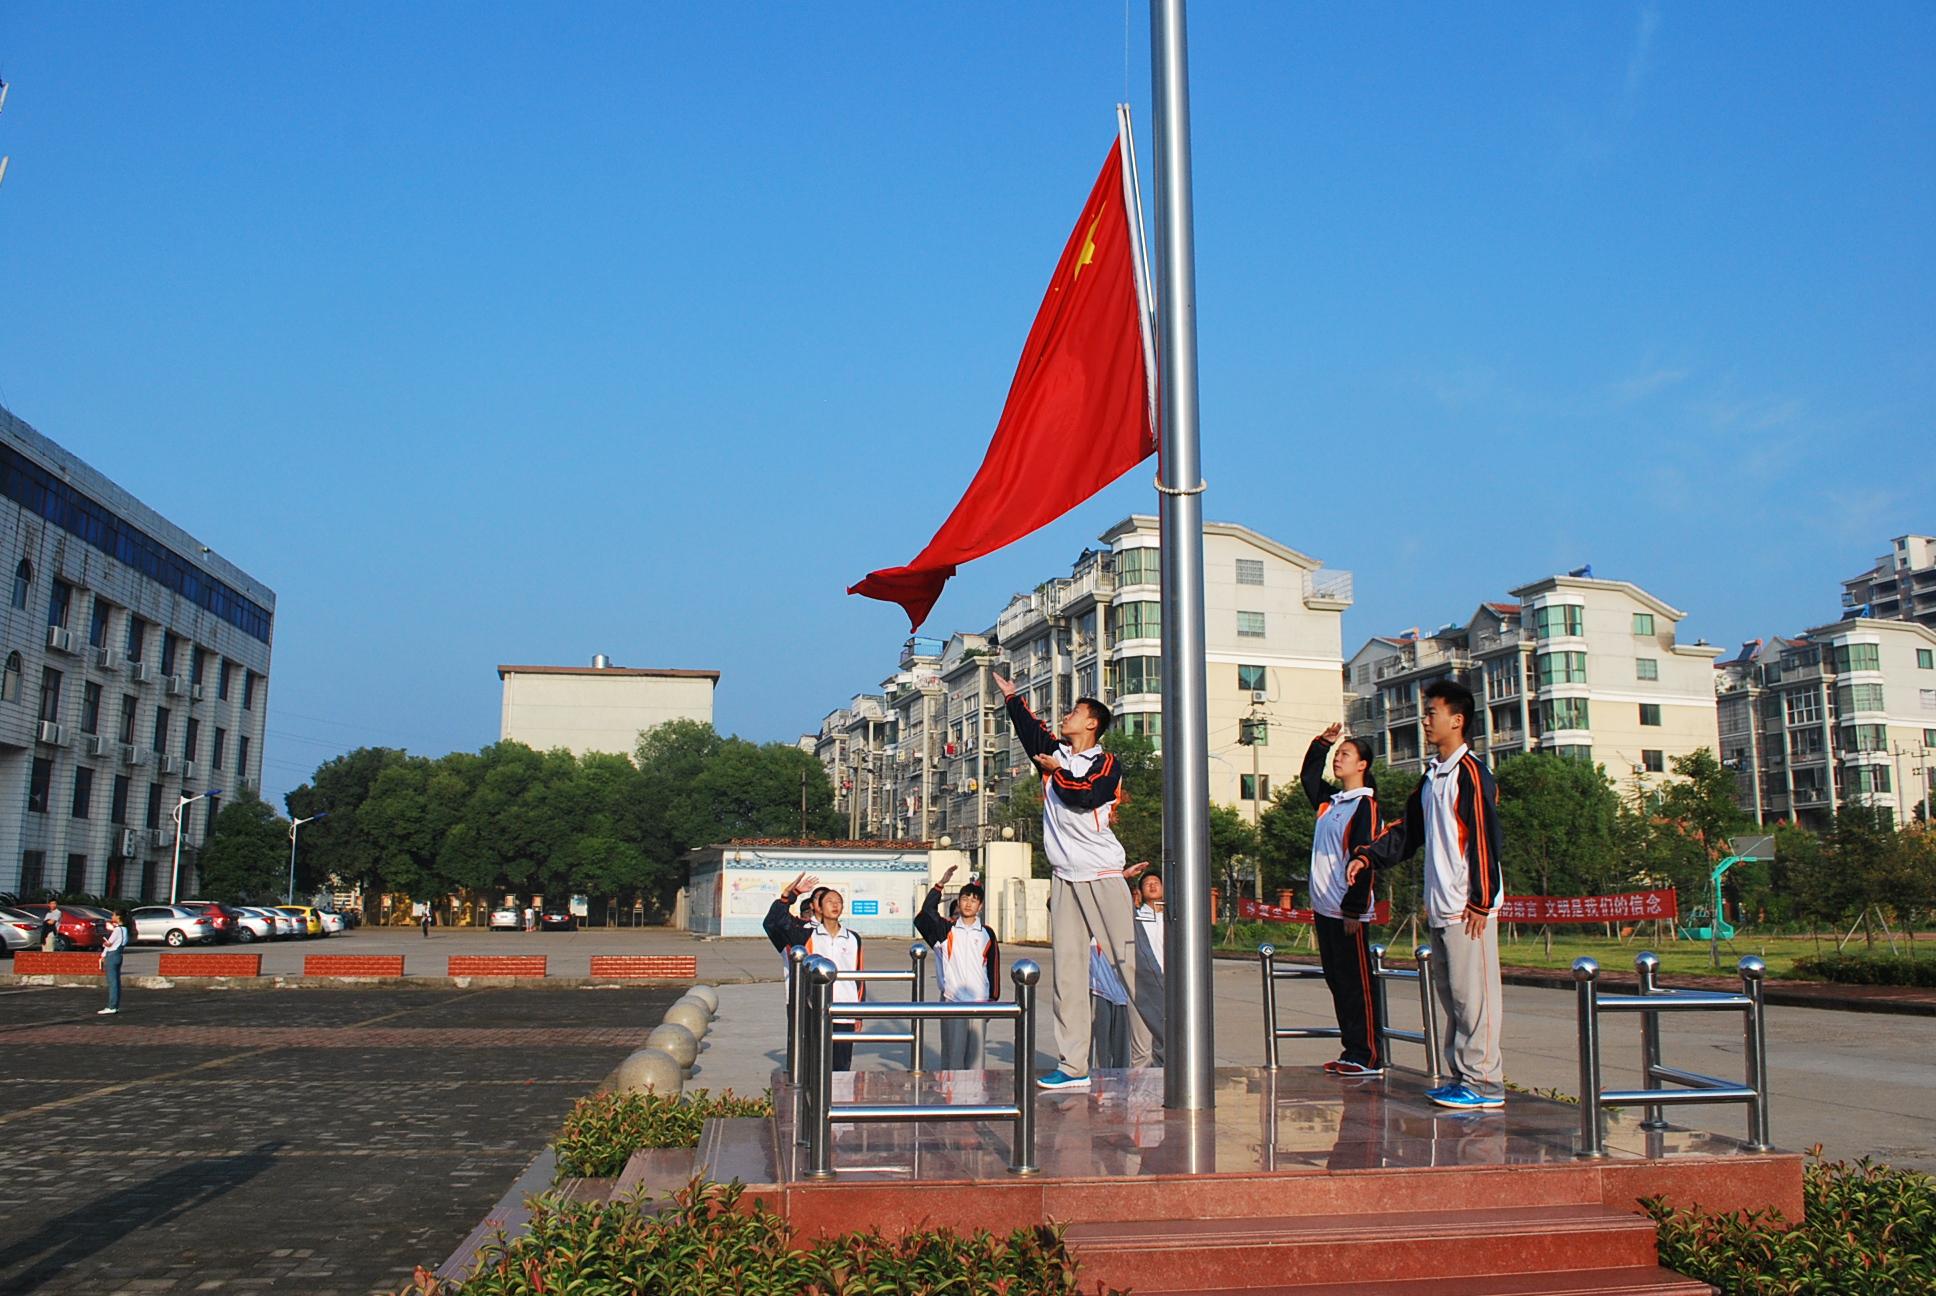 淮北古城路表情小学下讲话小学生国旗包图图片